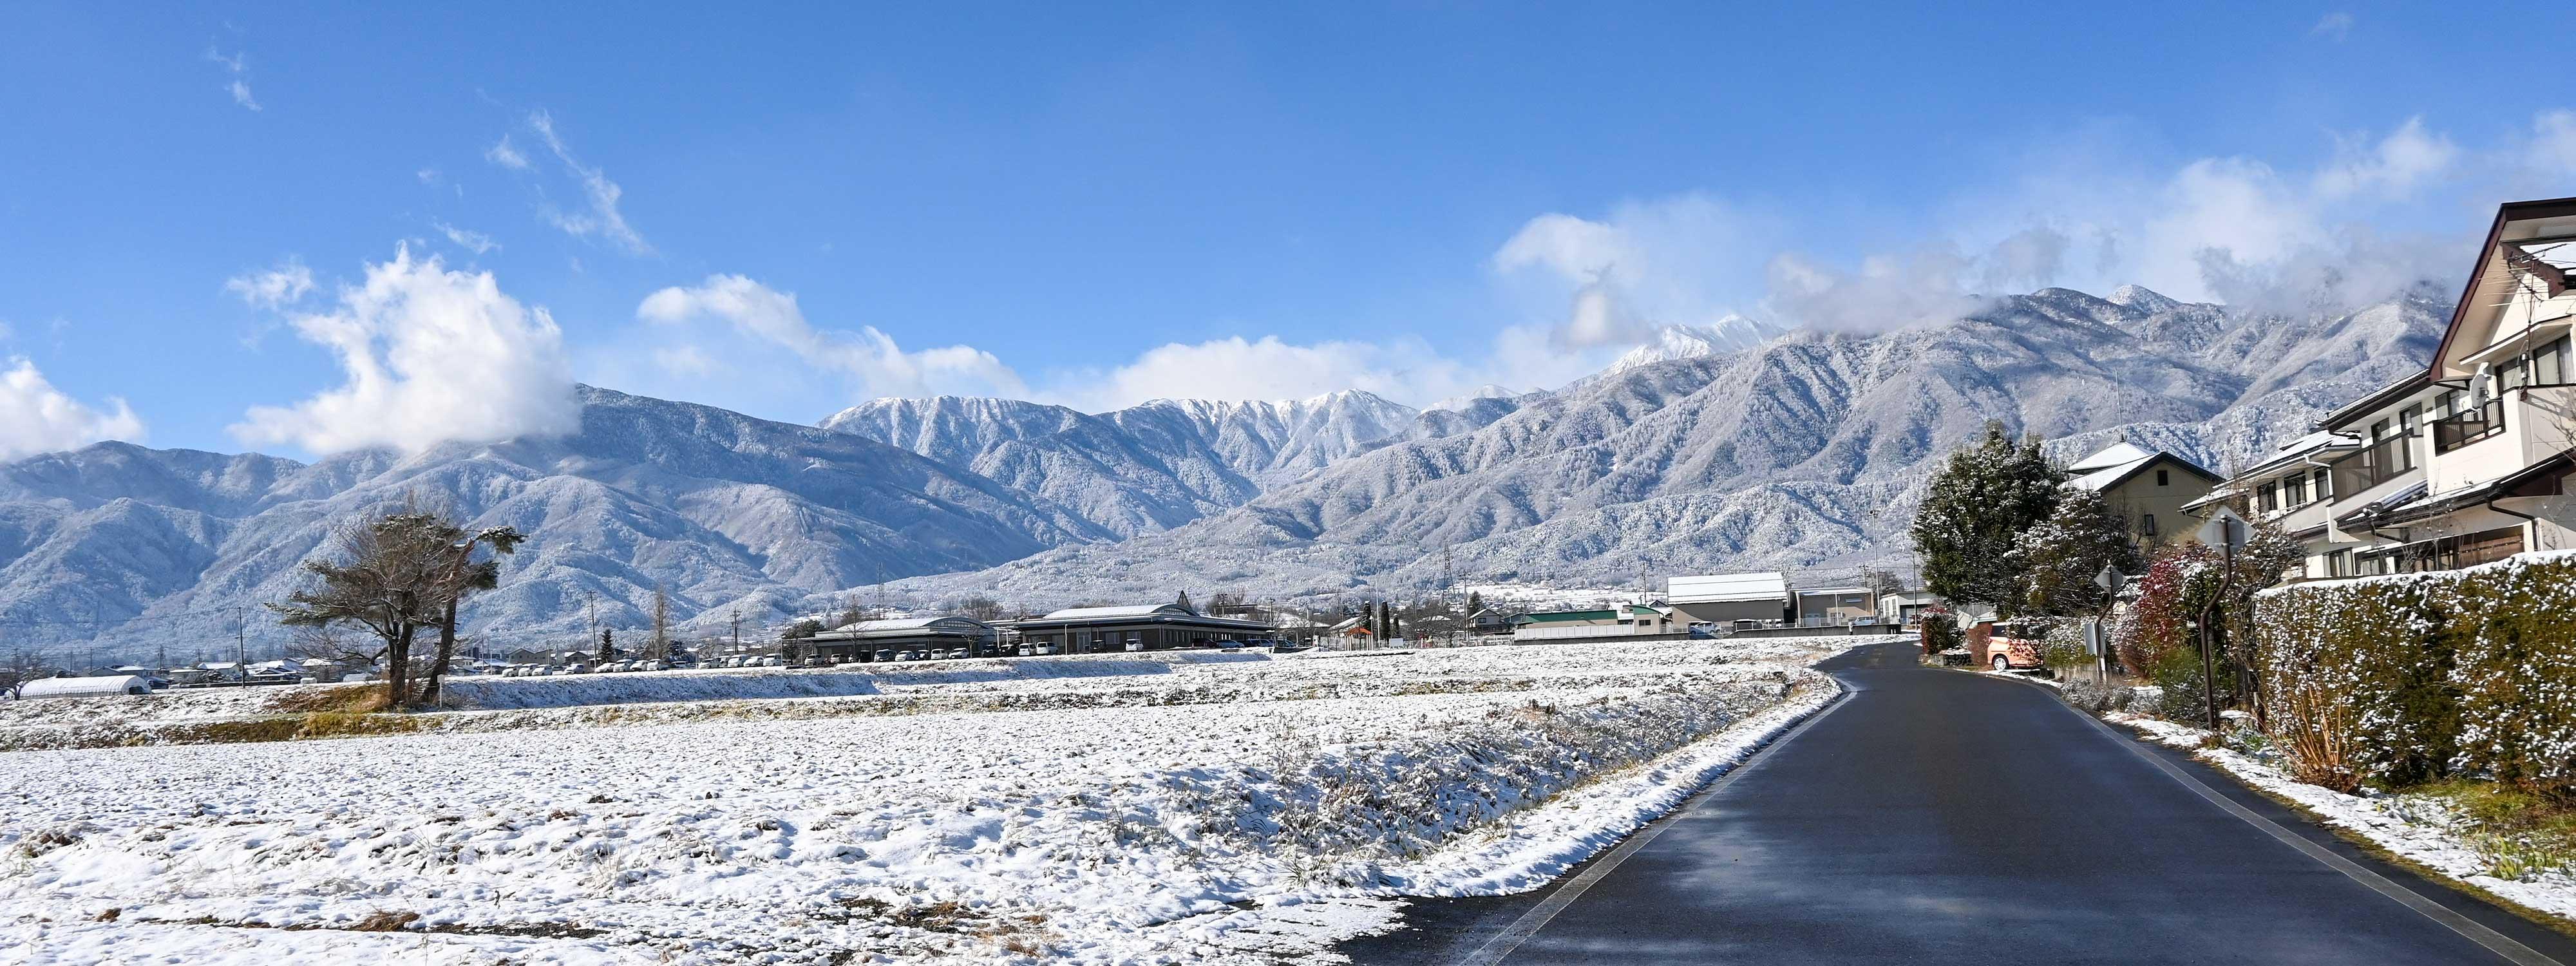 2020/12/17【雪あがりの安曇野の朝】穂高駅から10分ほど歩くと、街並みの向こうには常念岳、蝶ヶ岳が雲間から見えてきました。